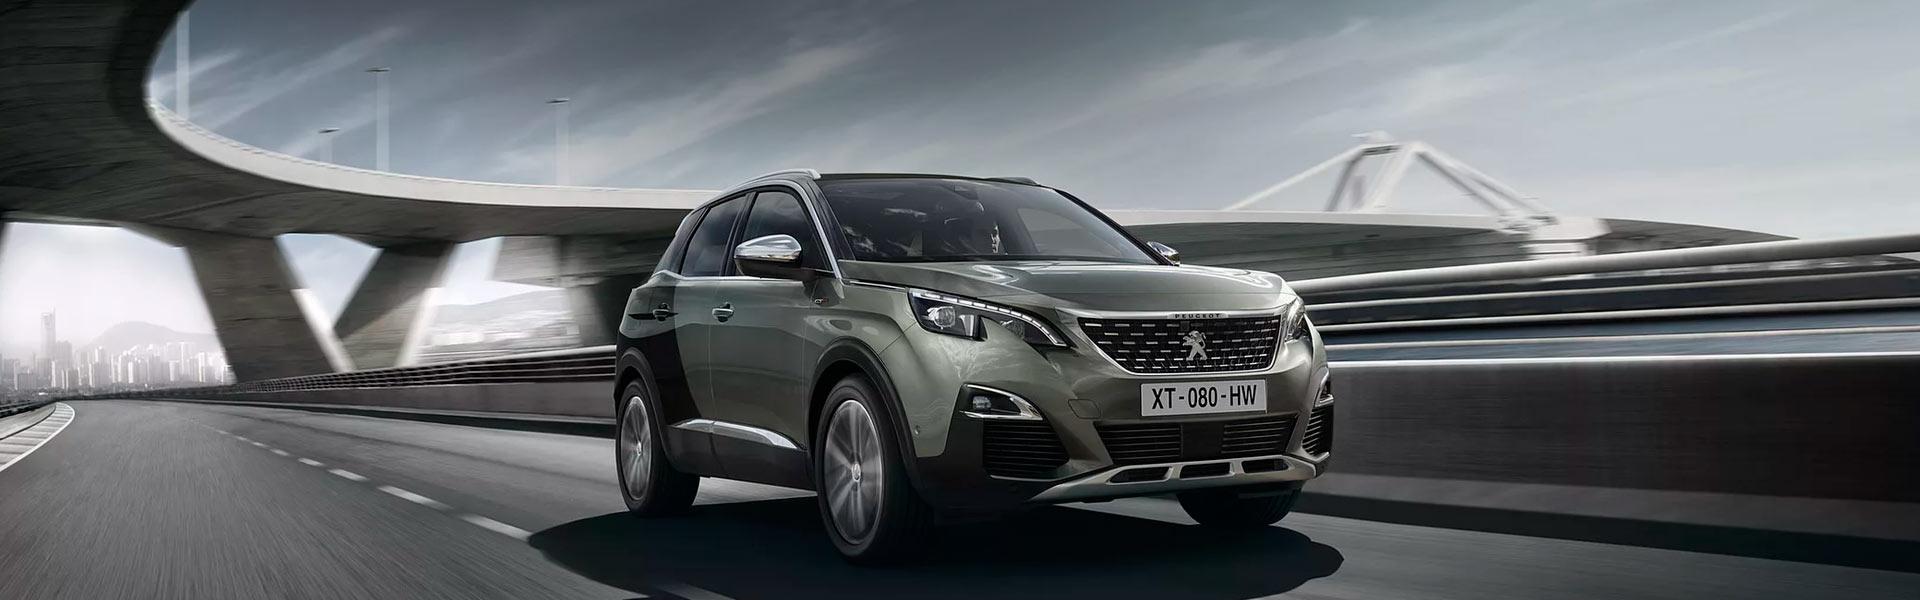 Замена фильтров Peugeot